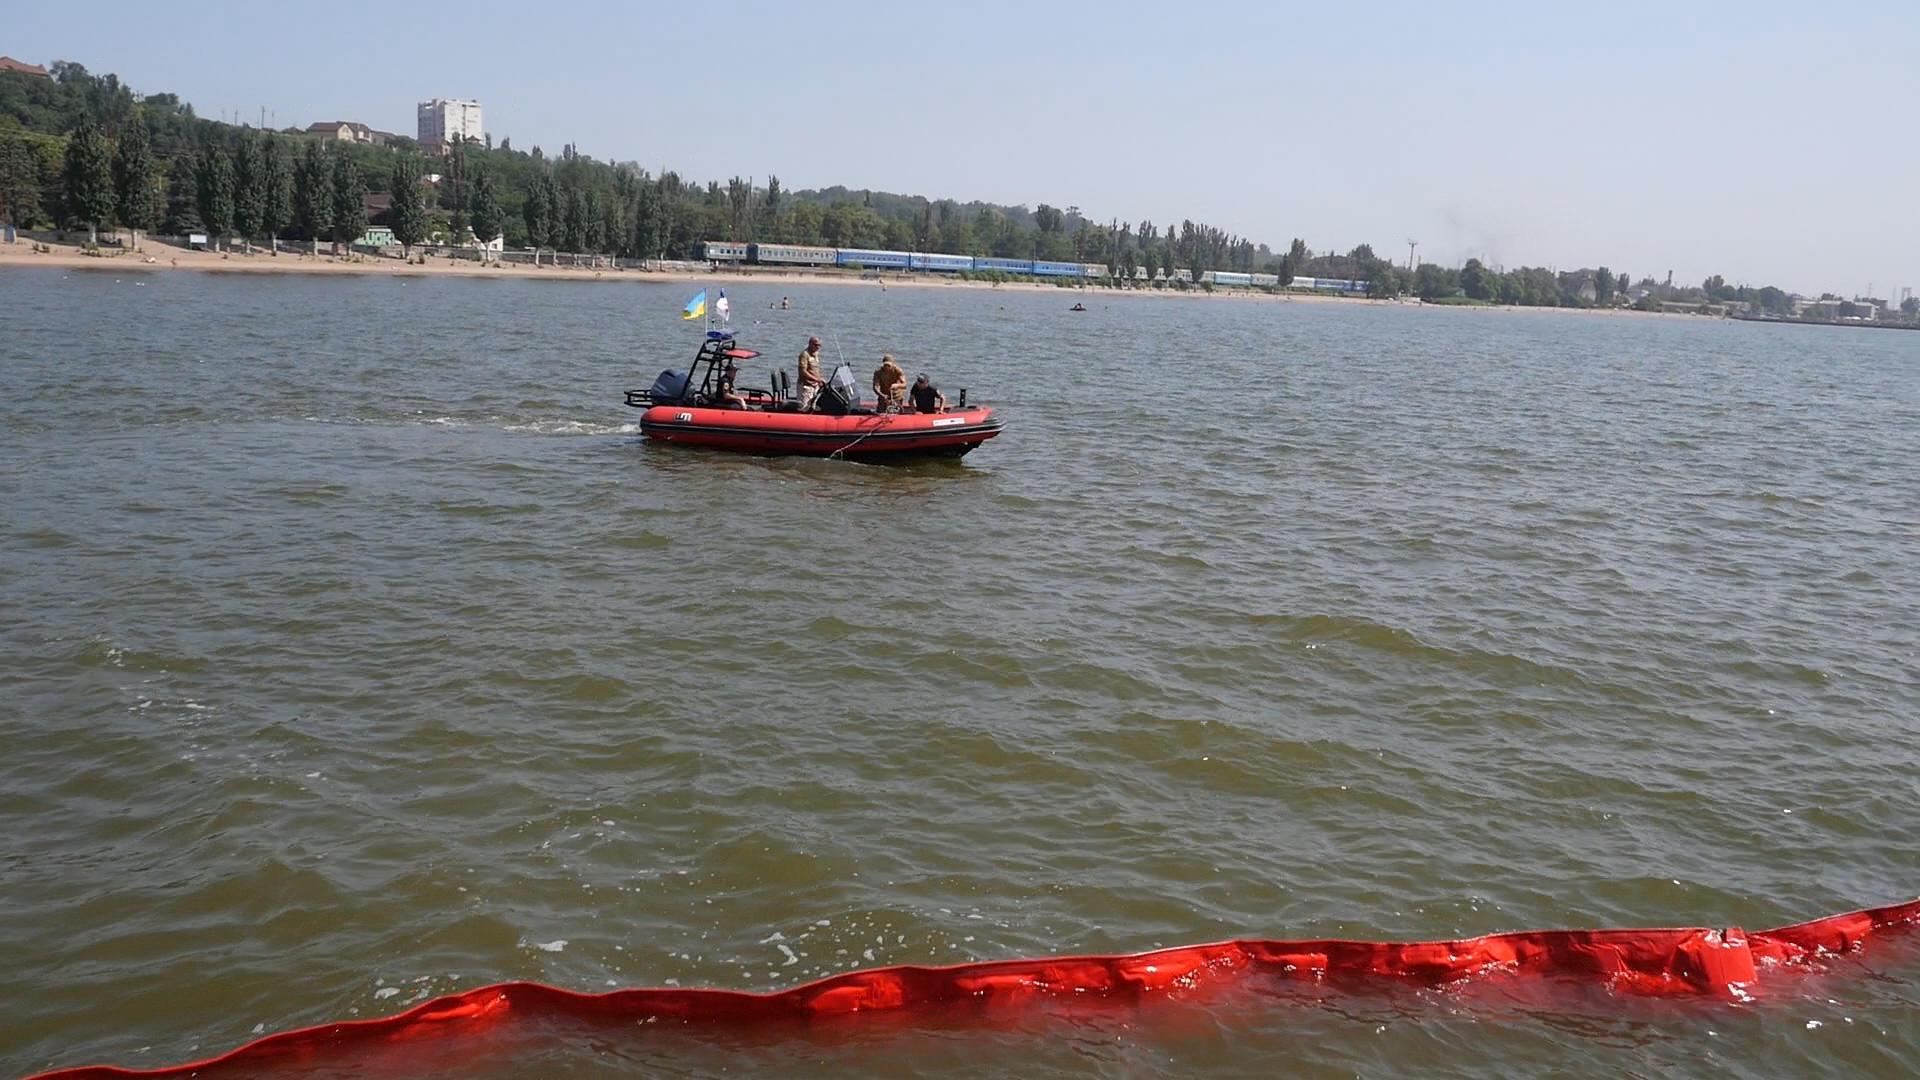 Спасатели установили в Азовском море боновое ограждение, чтобы локализовать распространение токсической краски